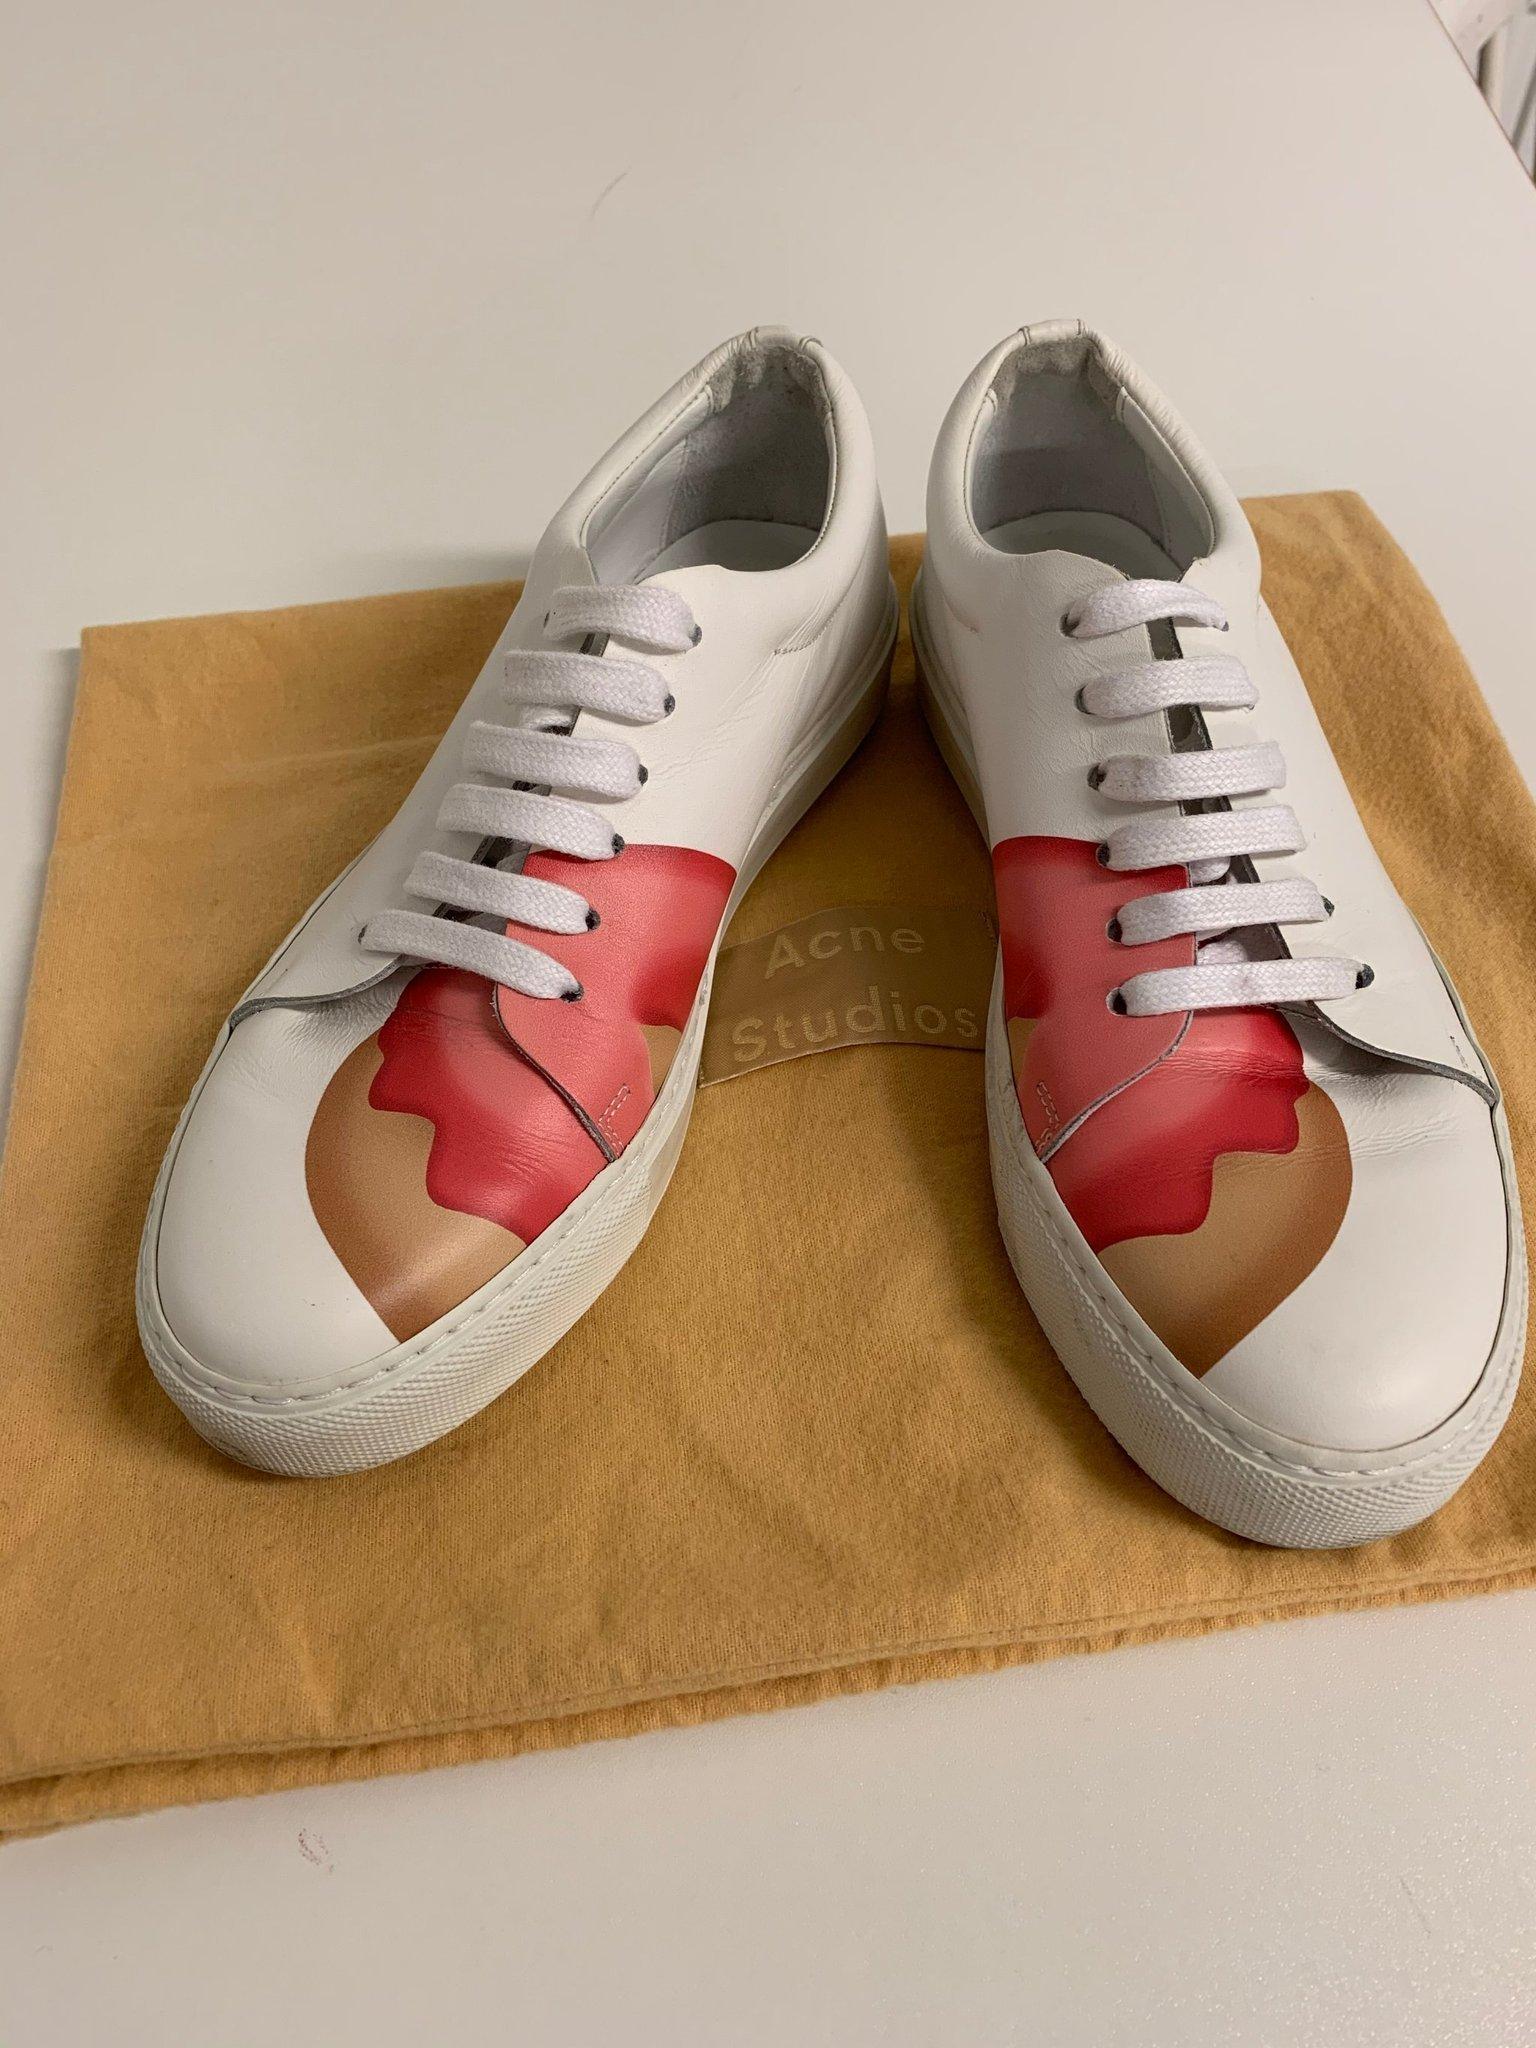 ACNE STUDIOS. Sneakers, dam. Storlek 37.